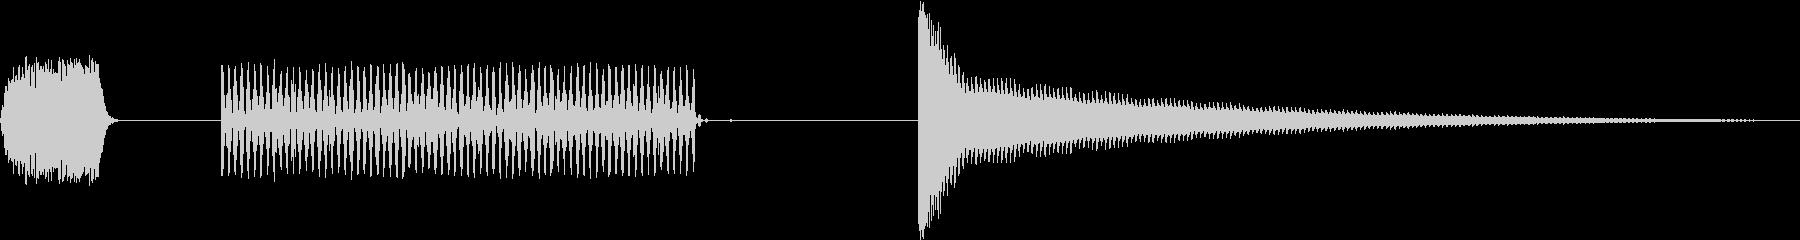 オーブントースターの動作音(8ビット風)の未再生の波形